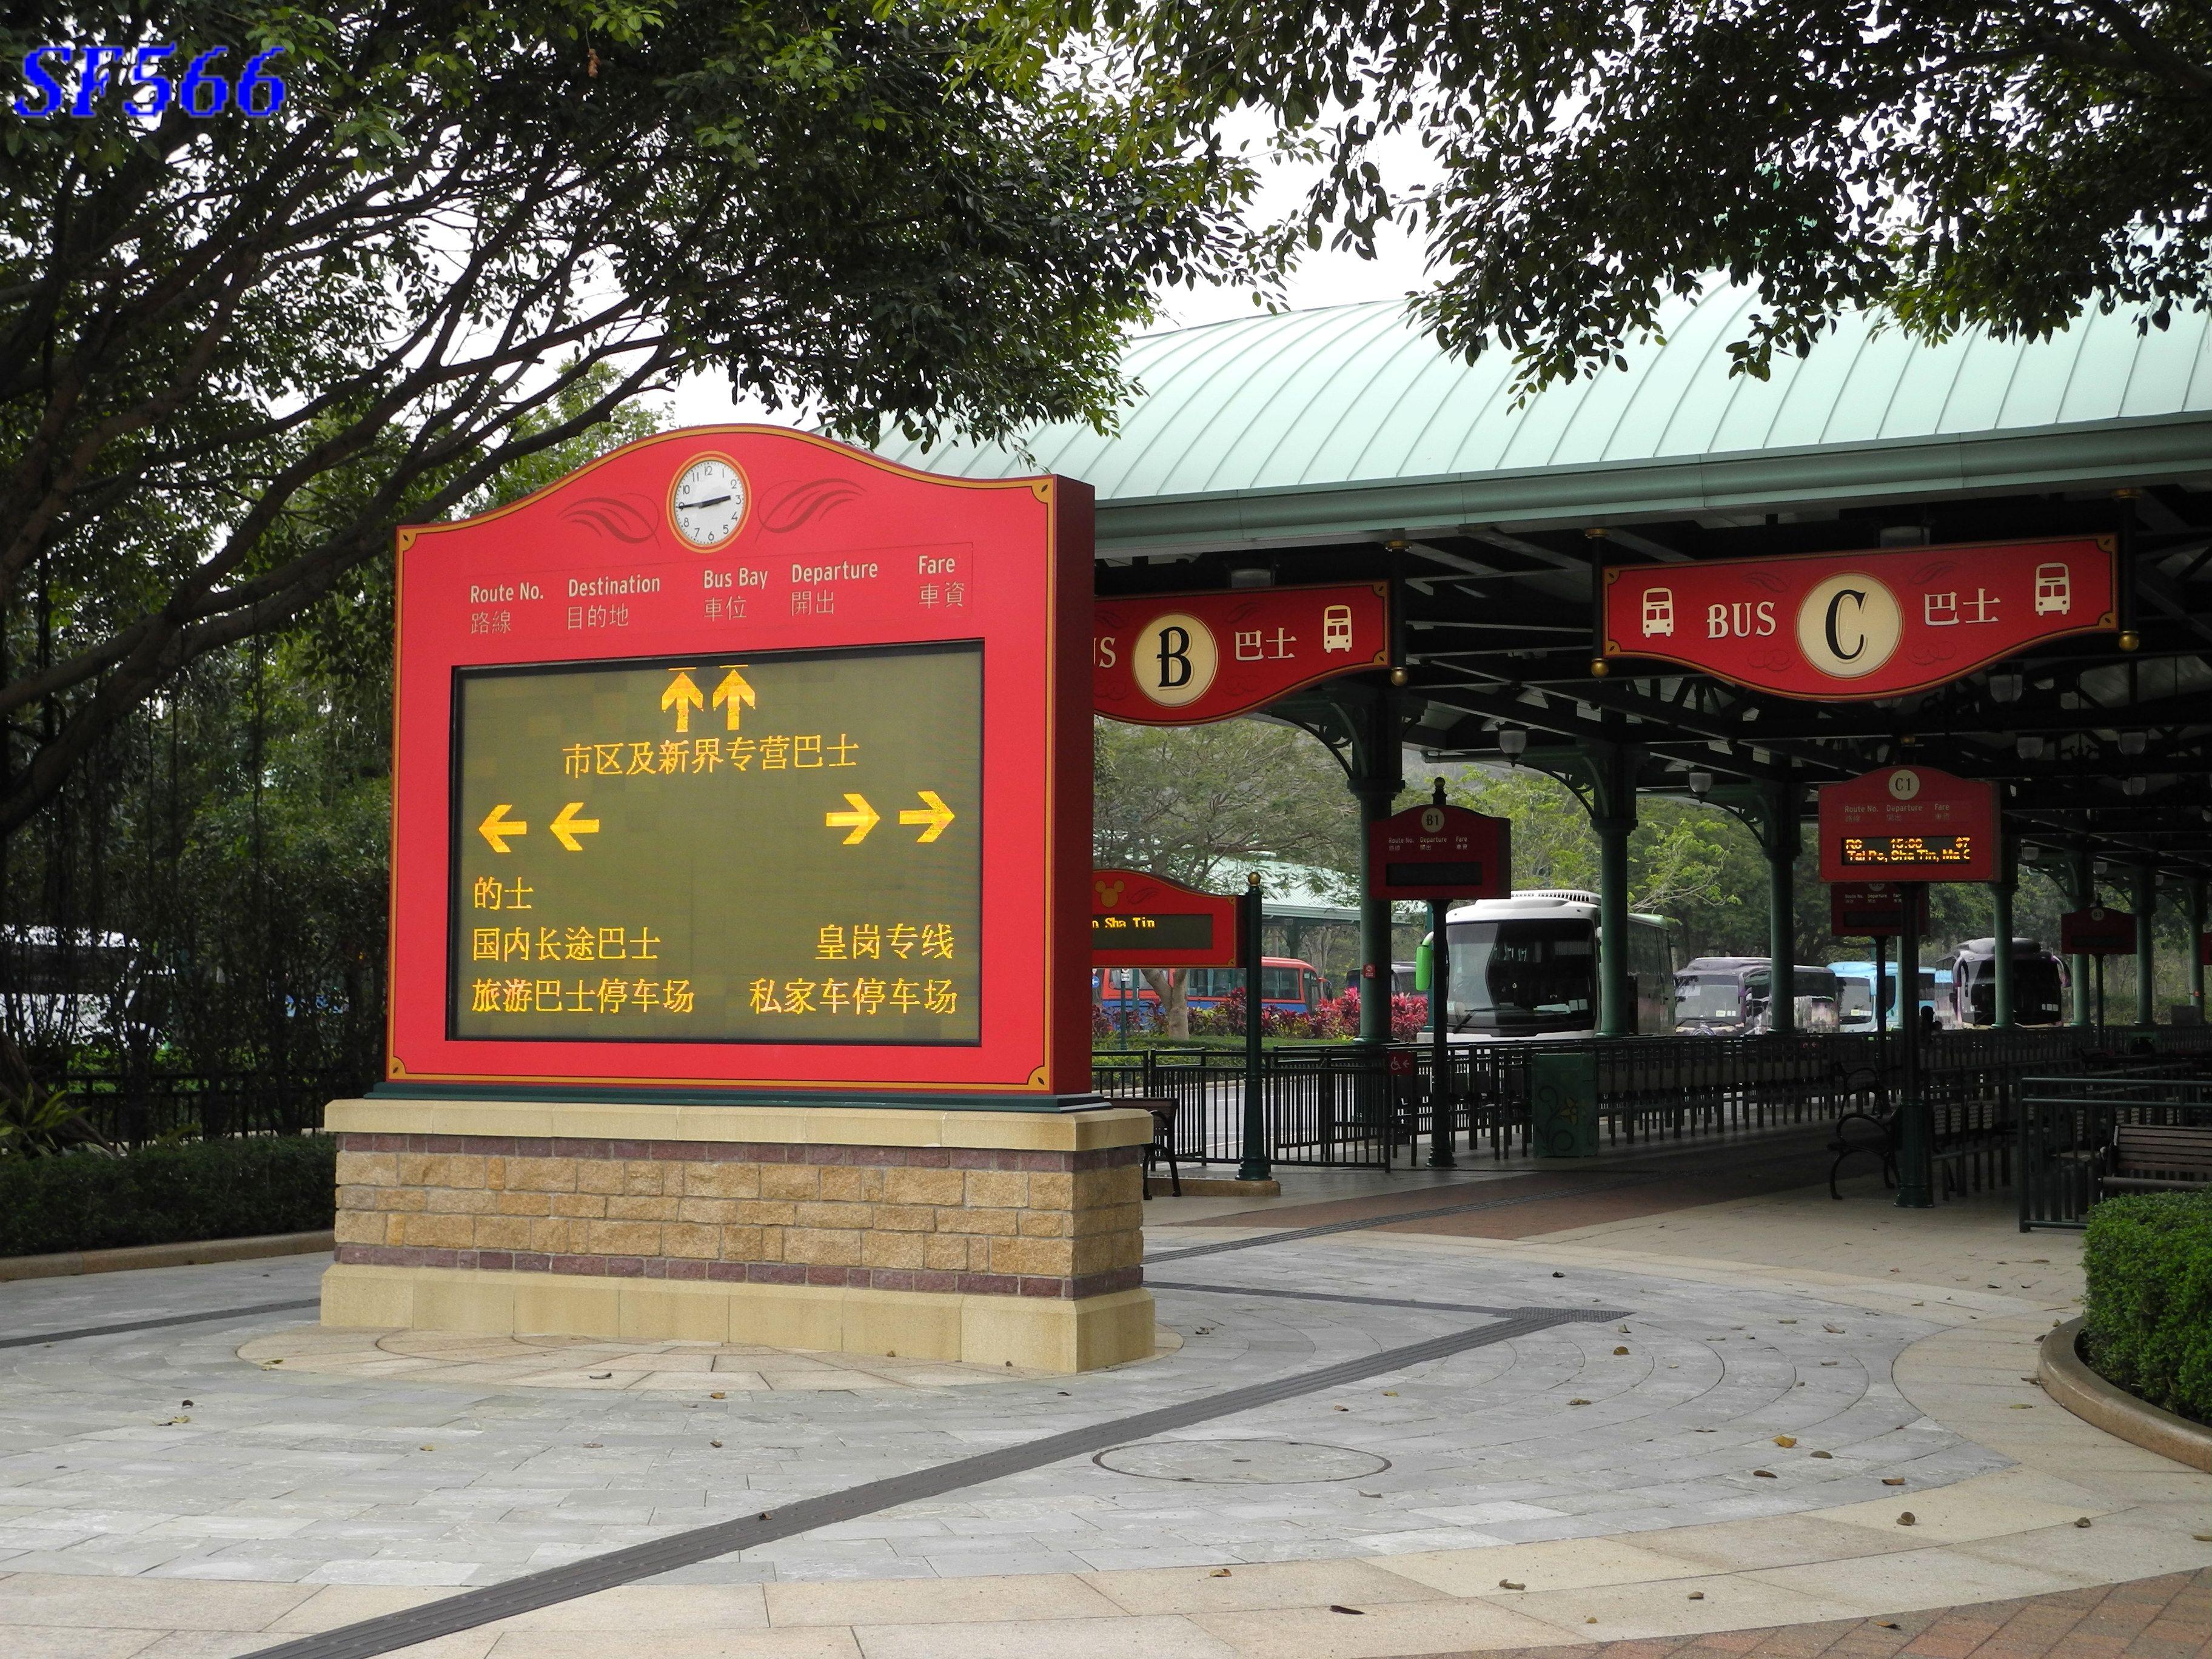 迪士尼樂園公共運輸交匯處